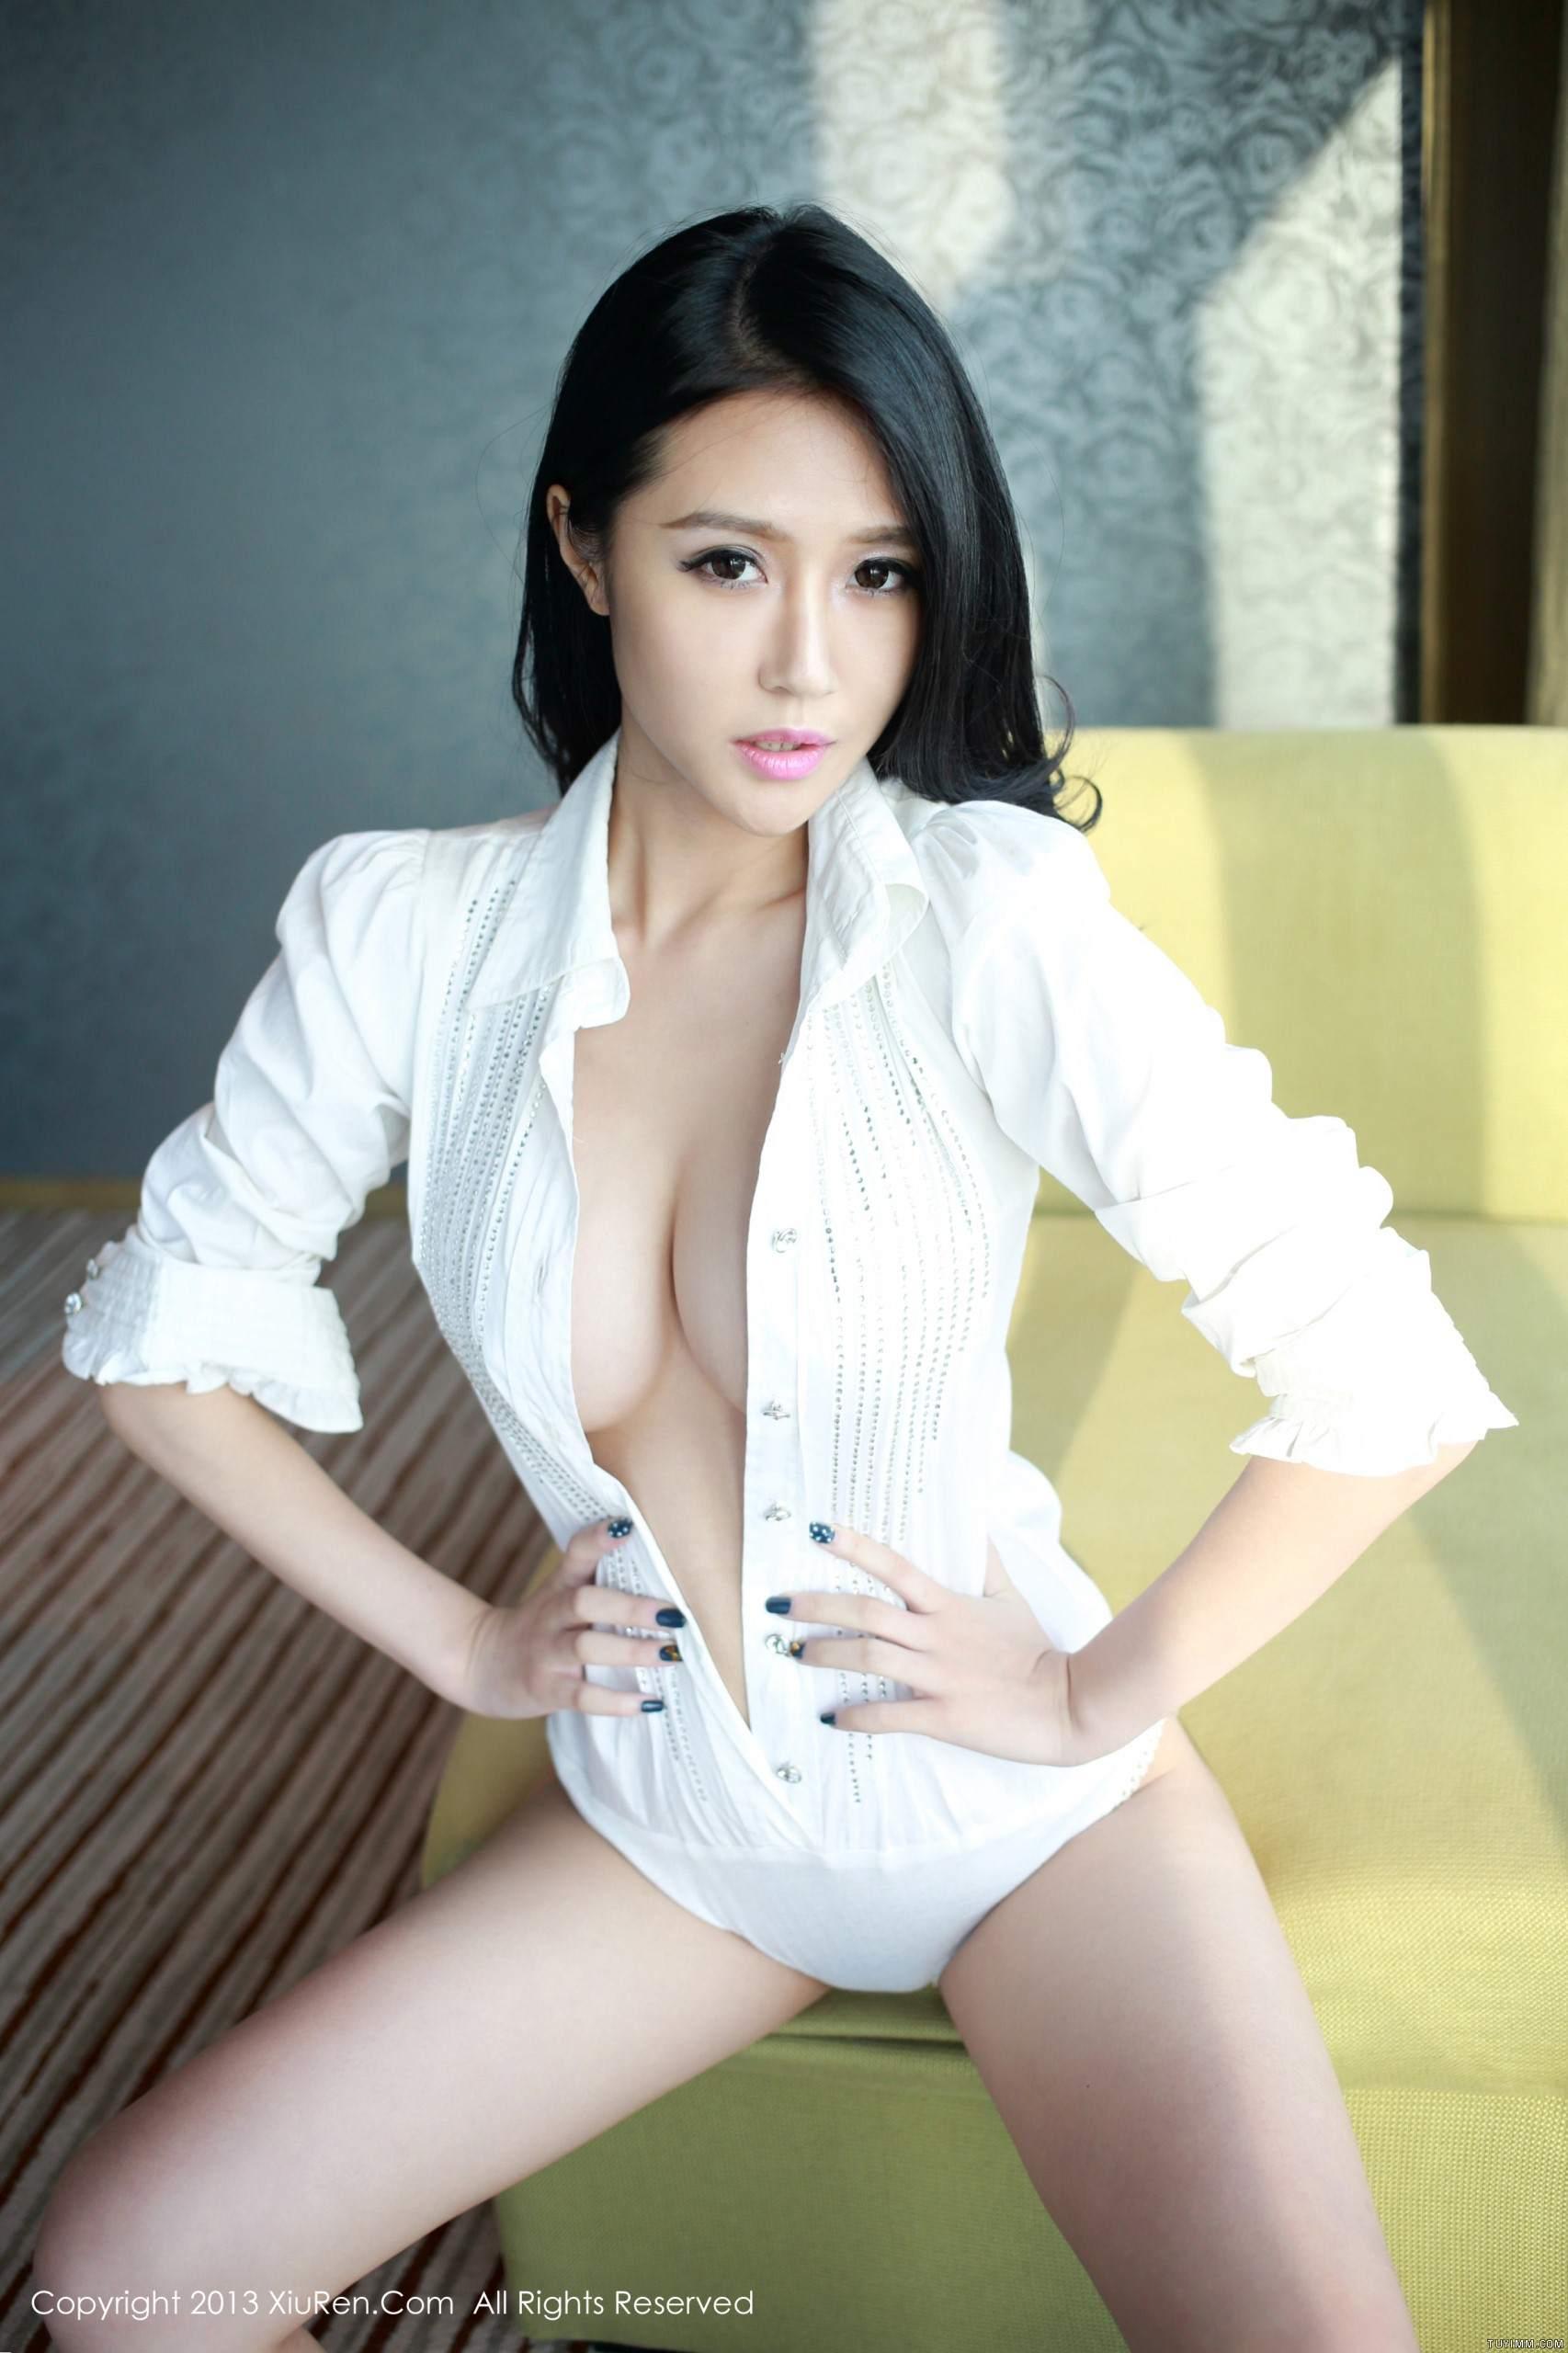 [福利]于大小姐AYU的我爱辅助吧-第39张图片-哔哔娱乐网